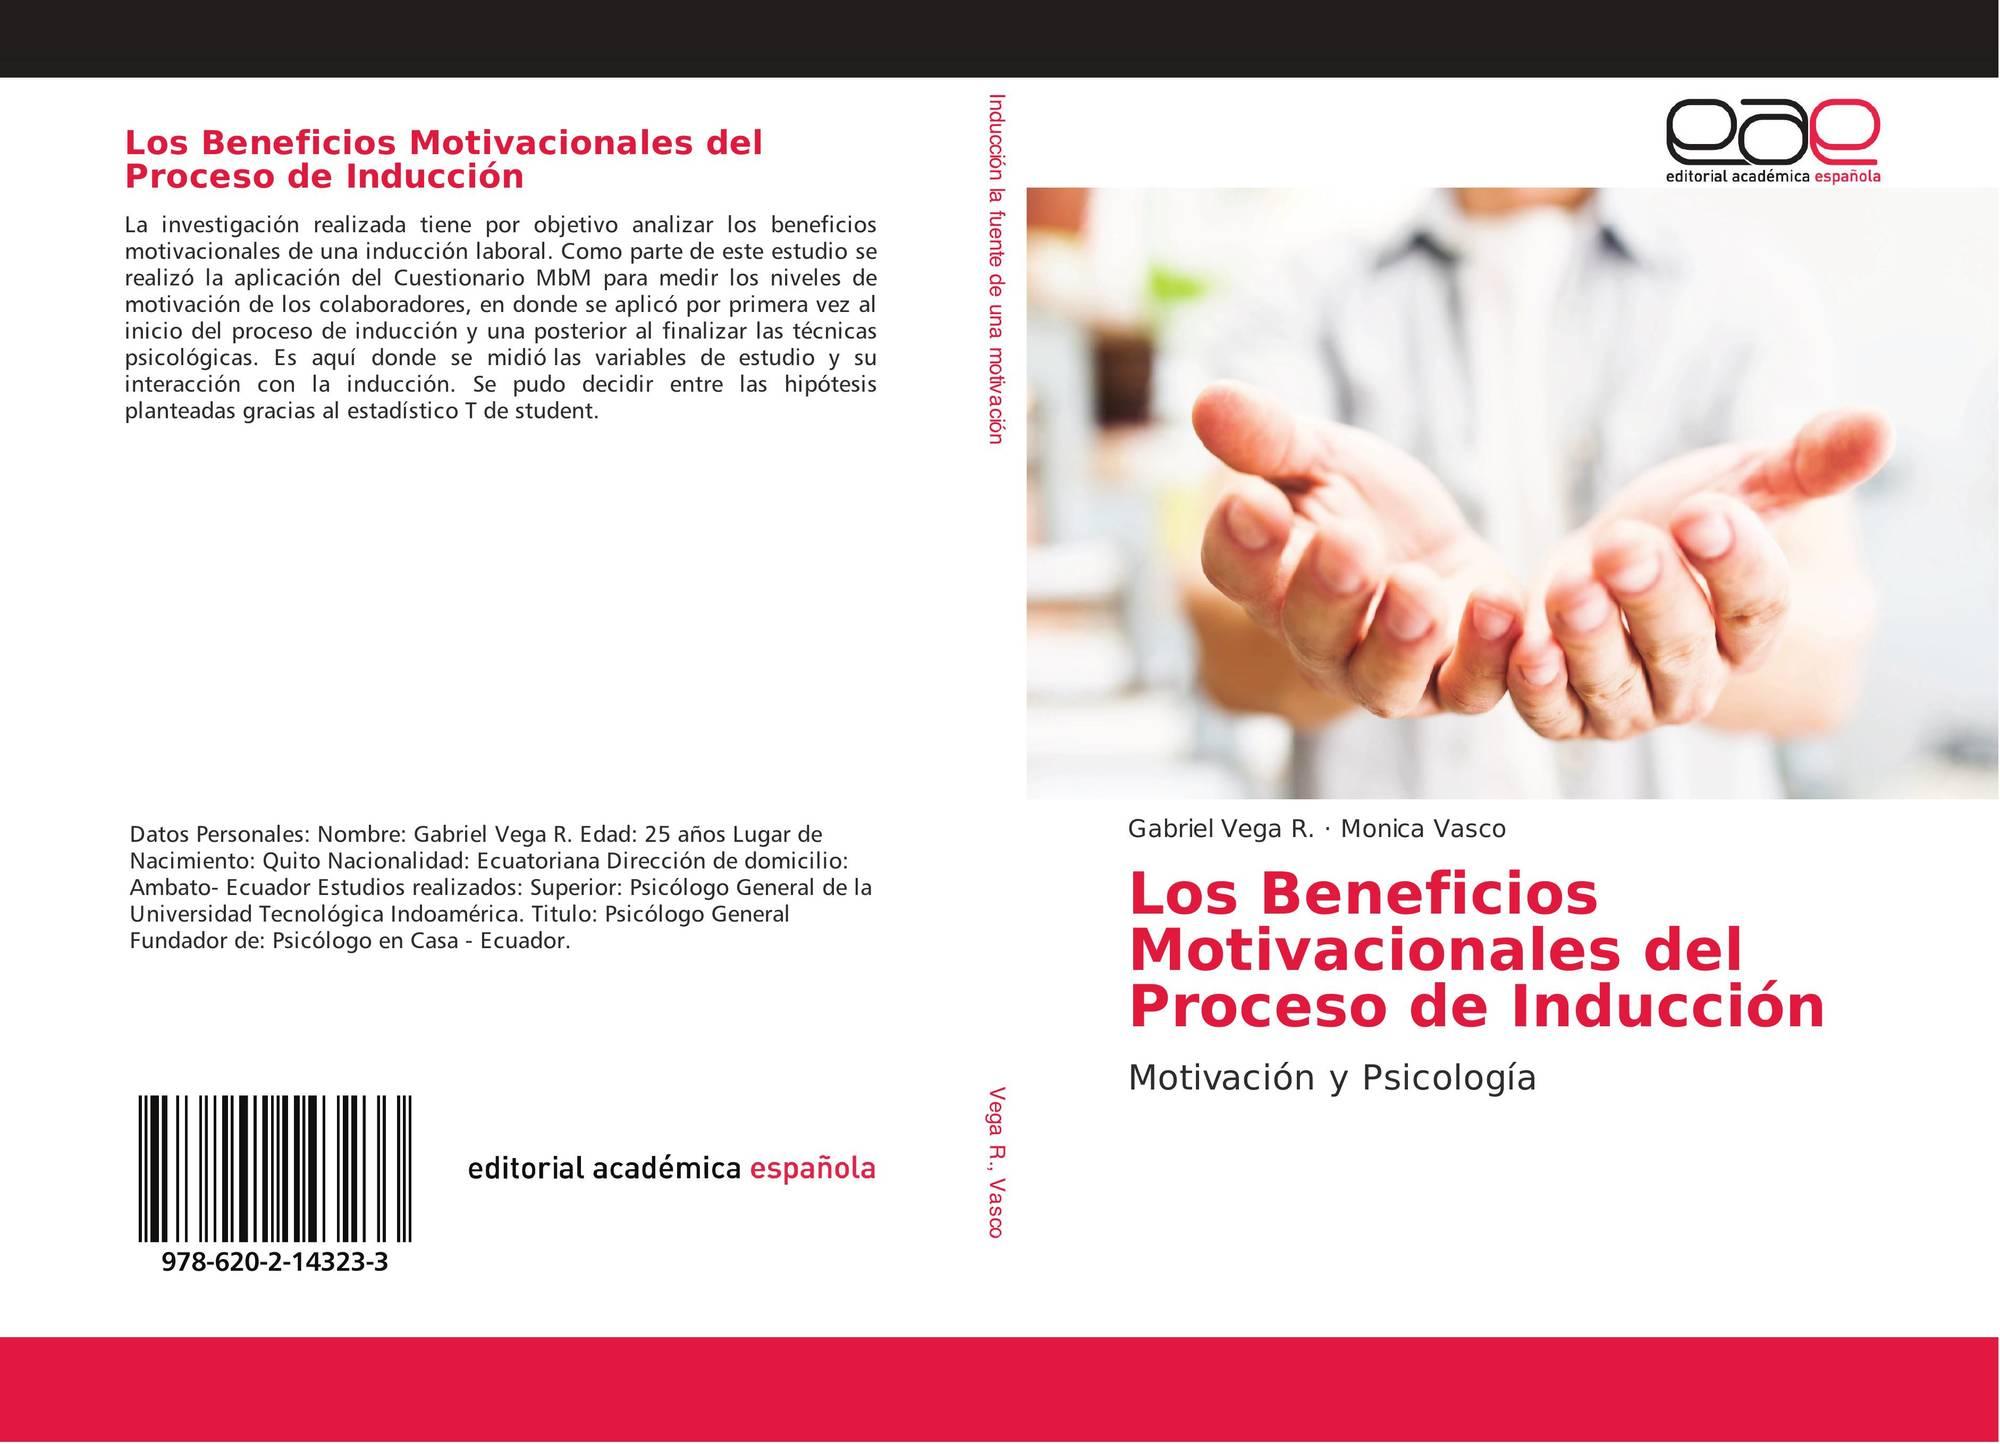 Los Beneficios Motivacionales Del Proceso De Inducción 978